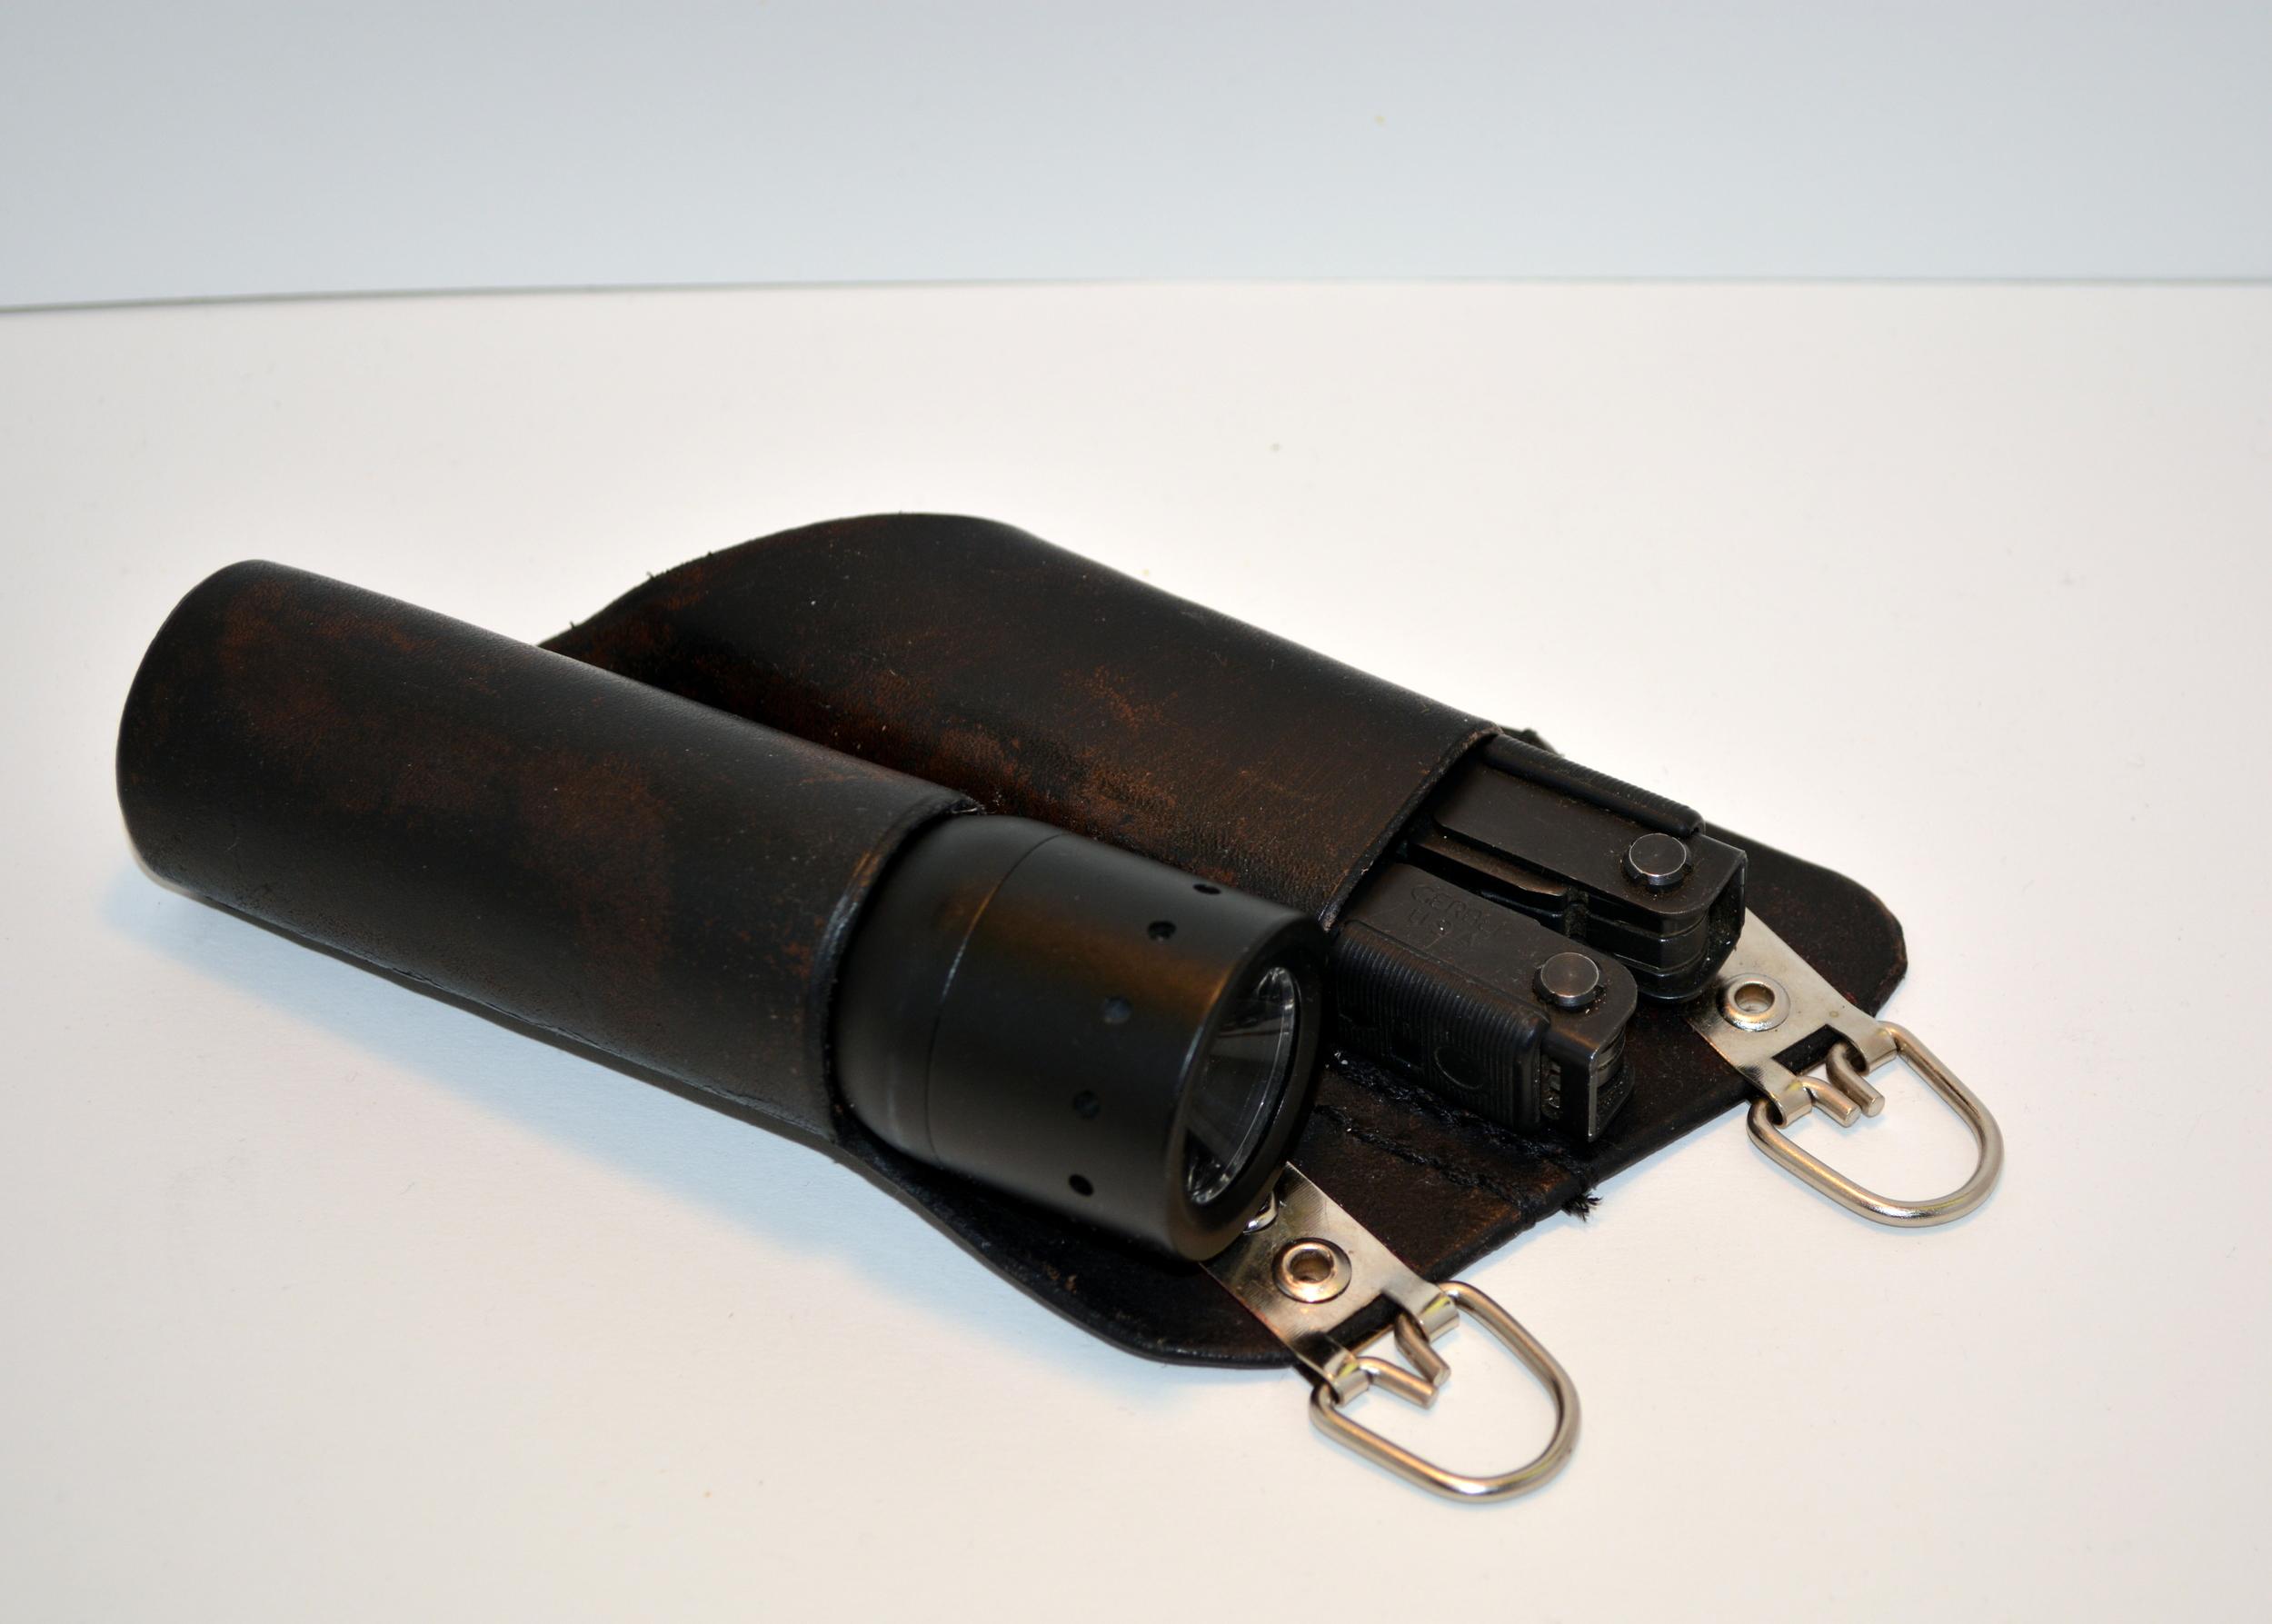 flashlight and multi-tool